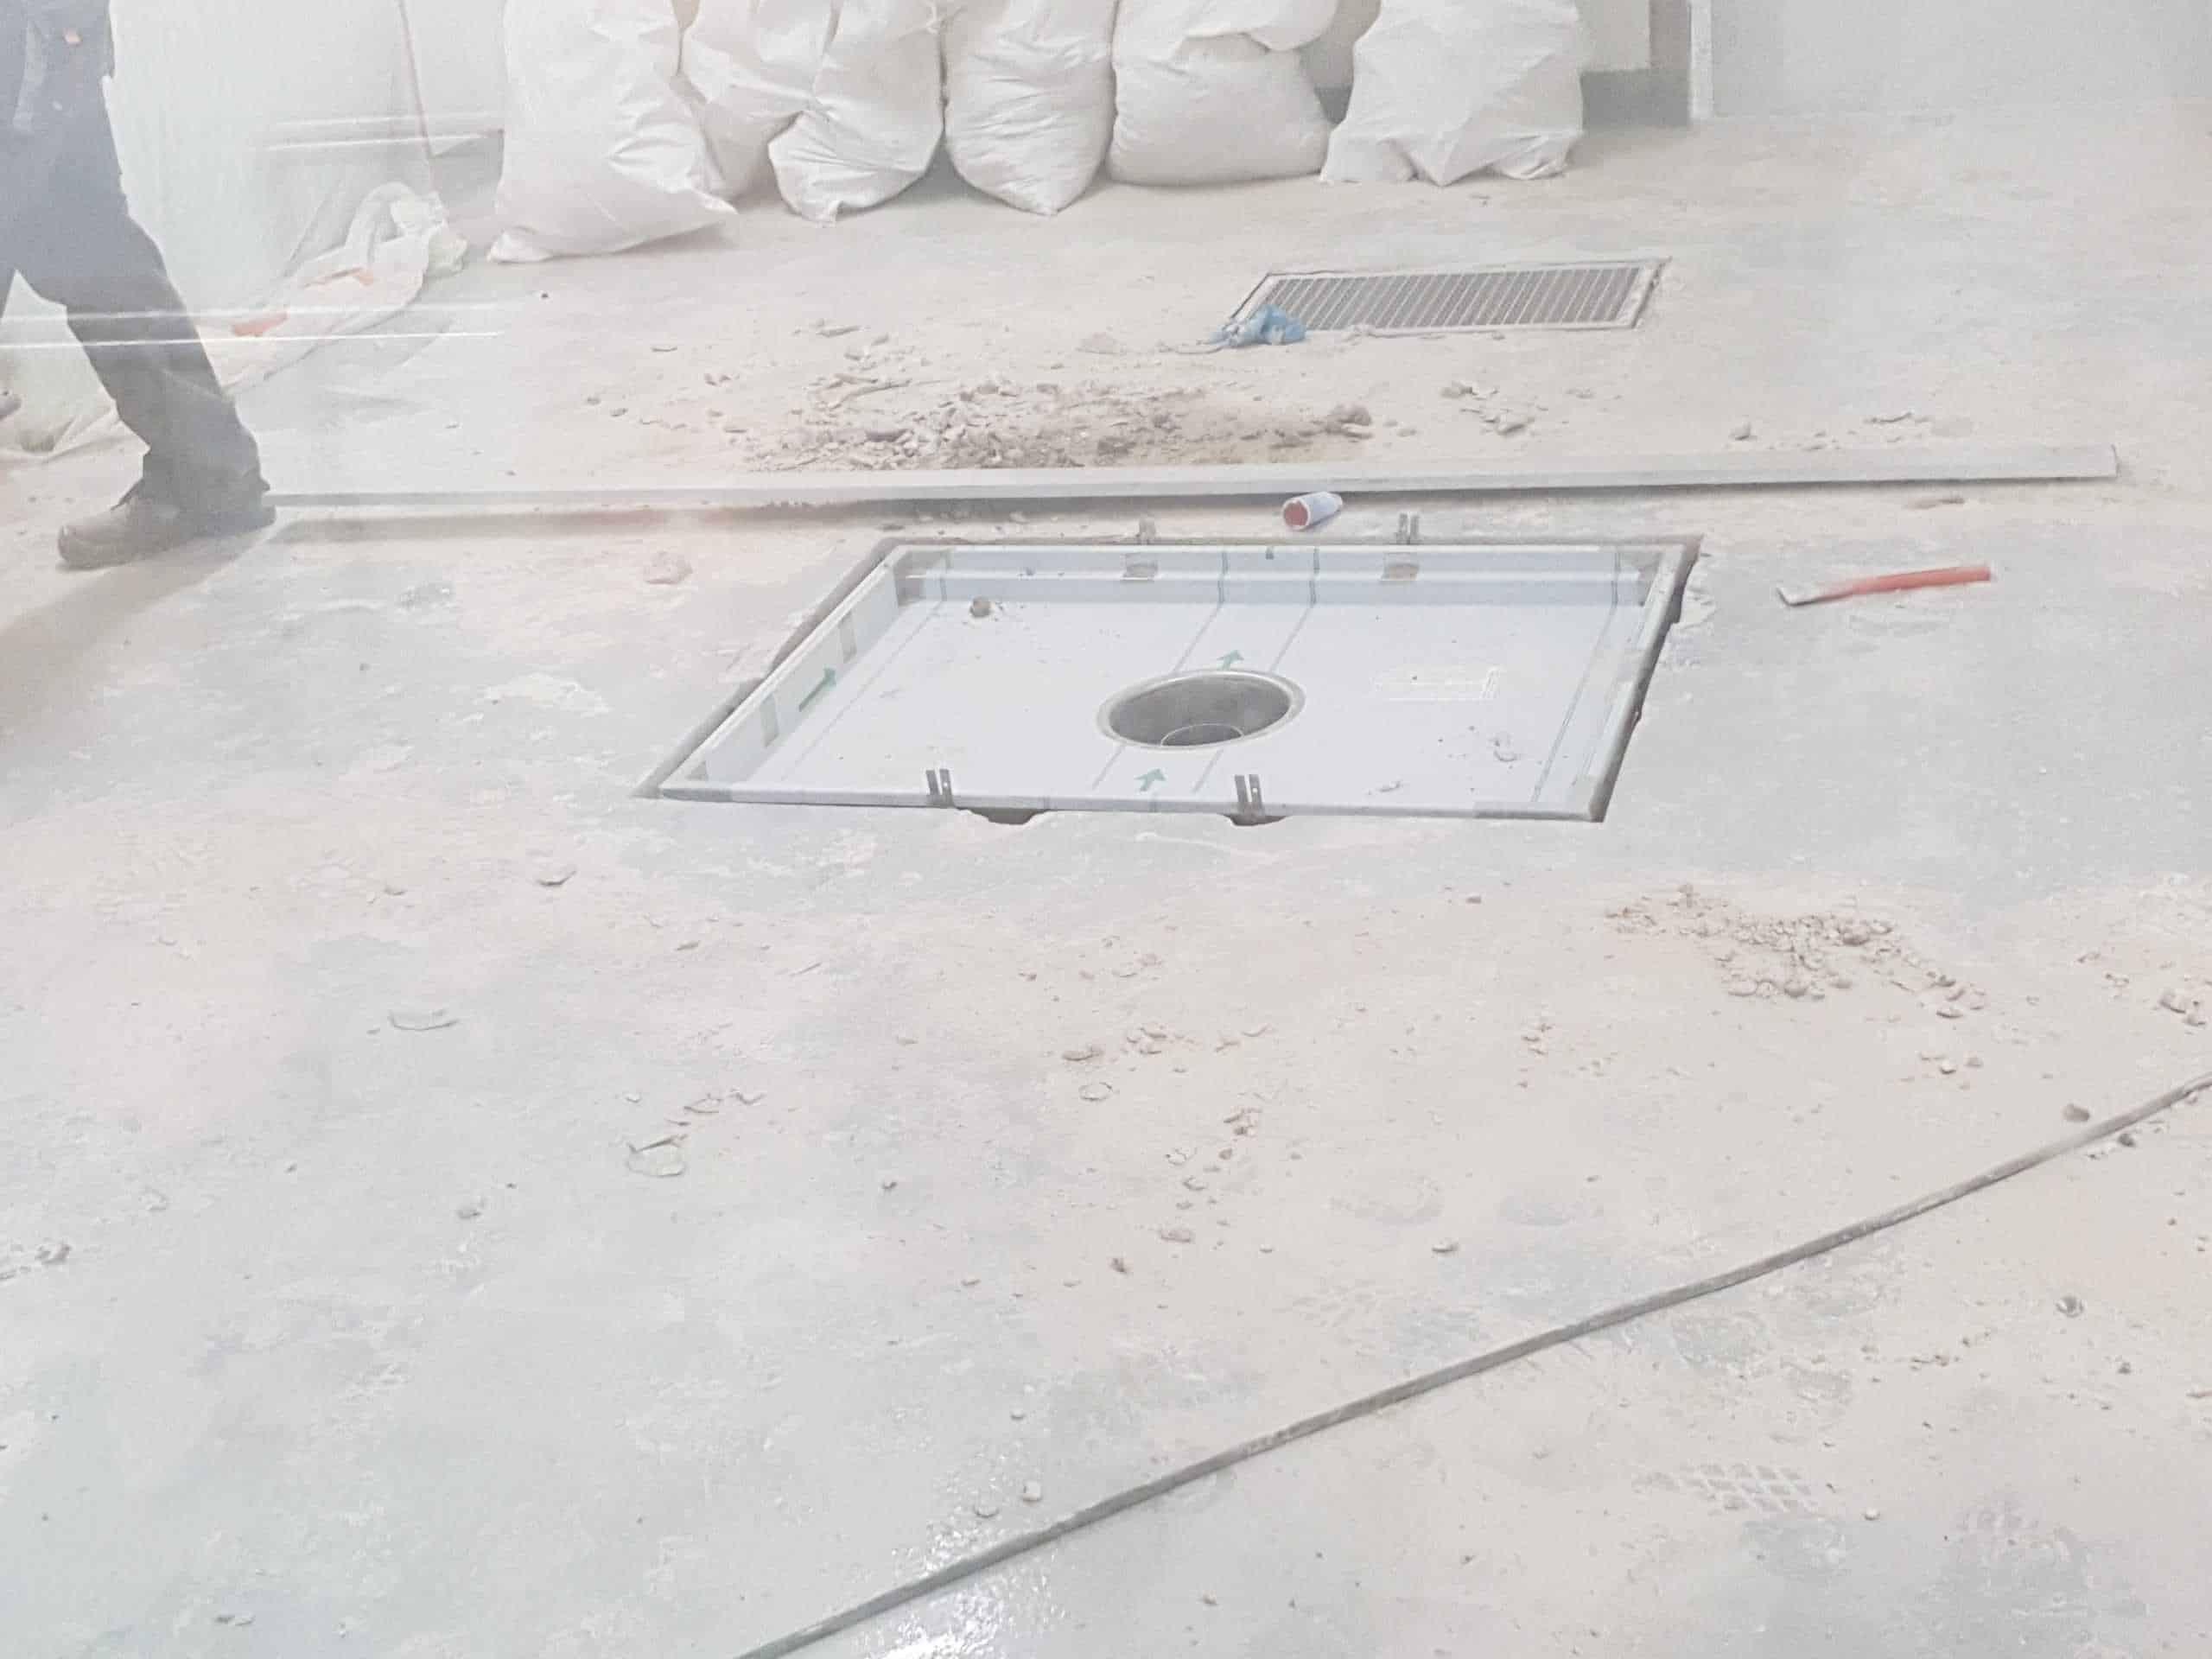 Achat maison: les installations sont-elles conformes aux normes sanitaires